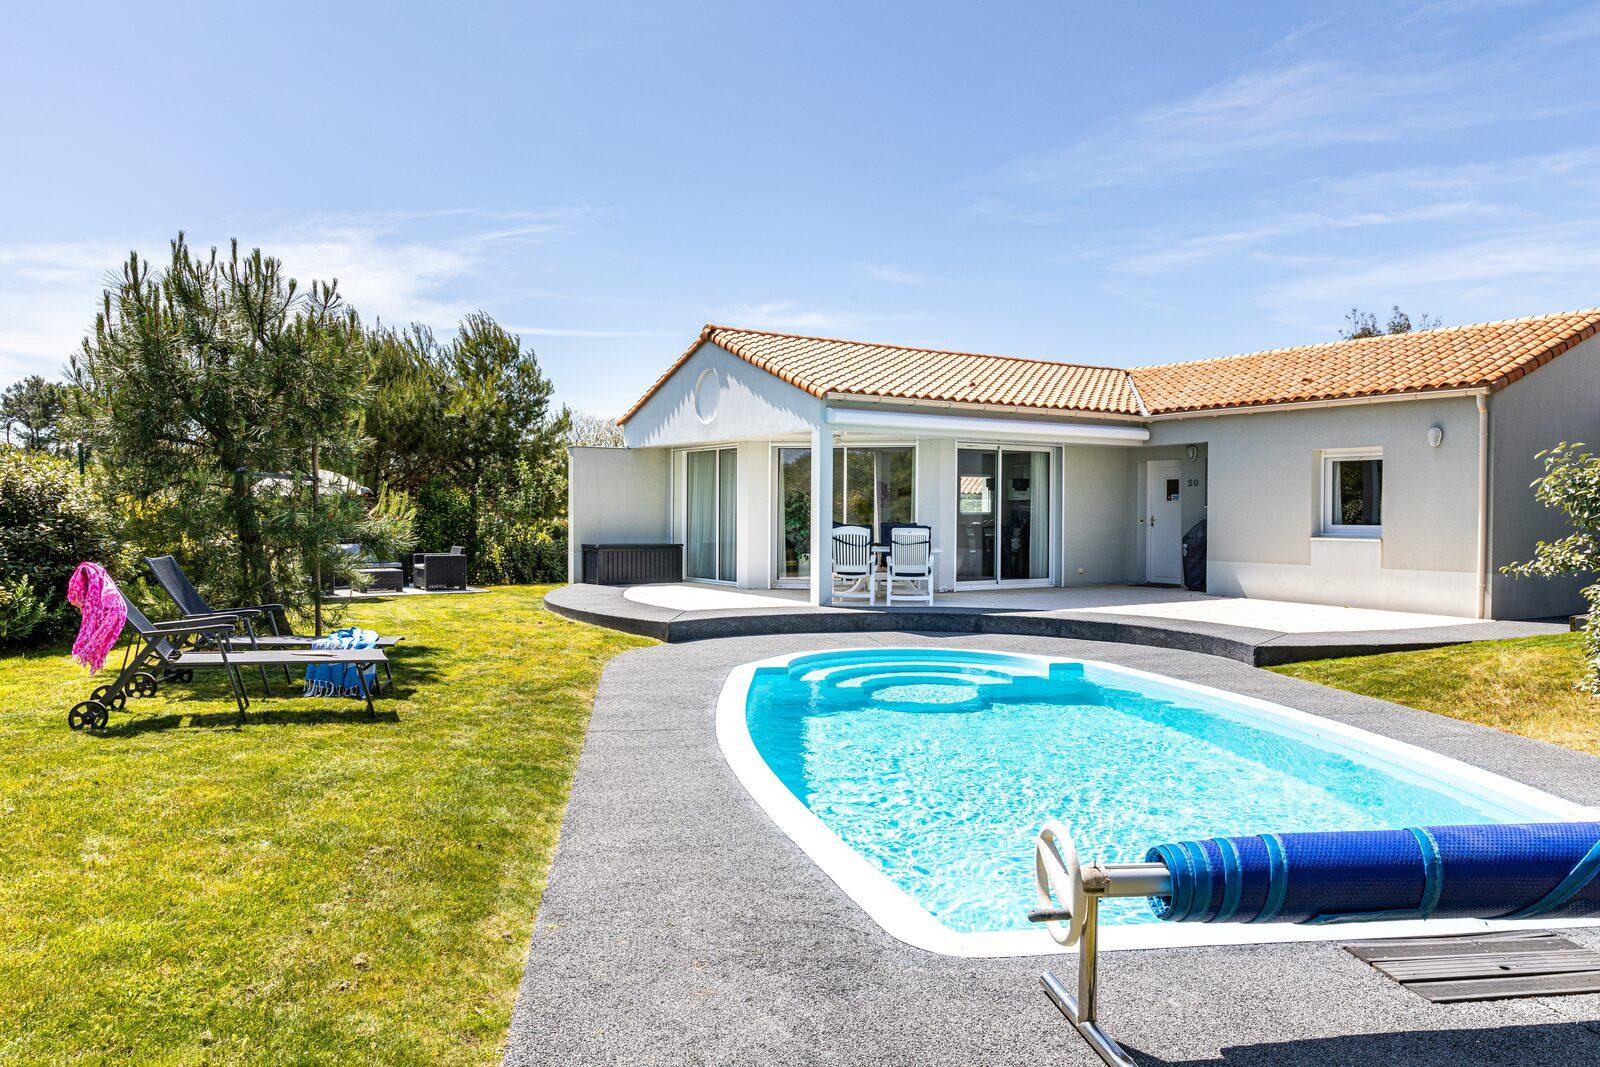 villa piscine privée pour offre basse saison